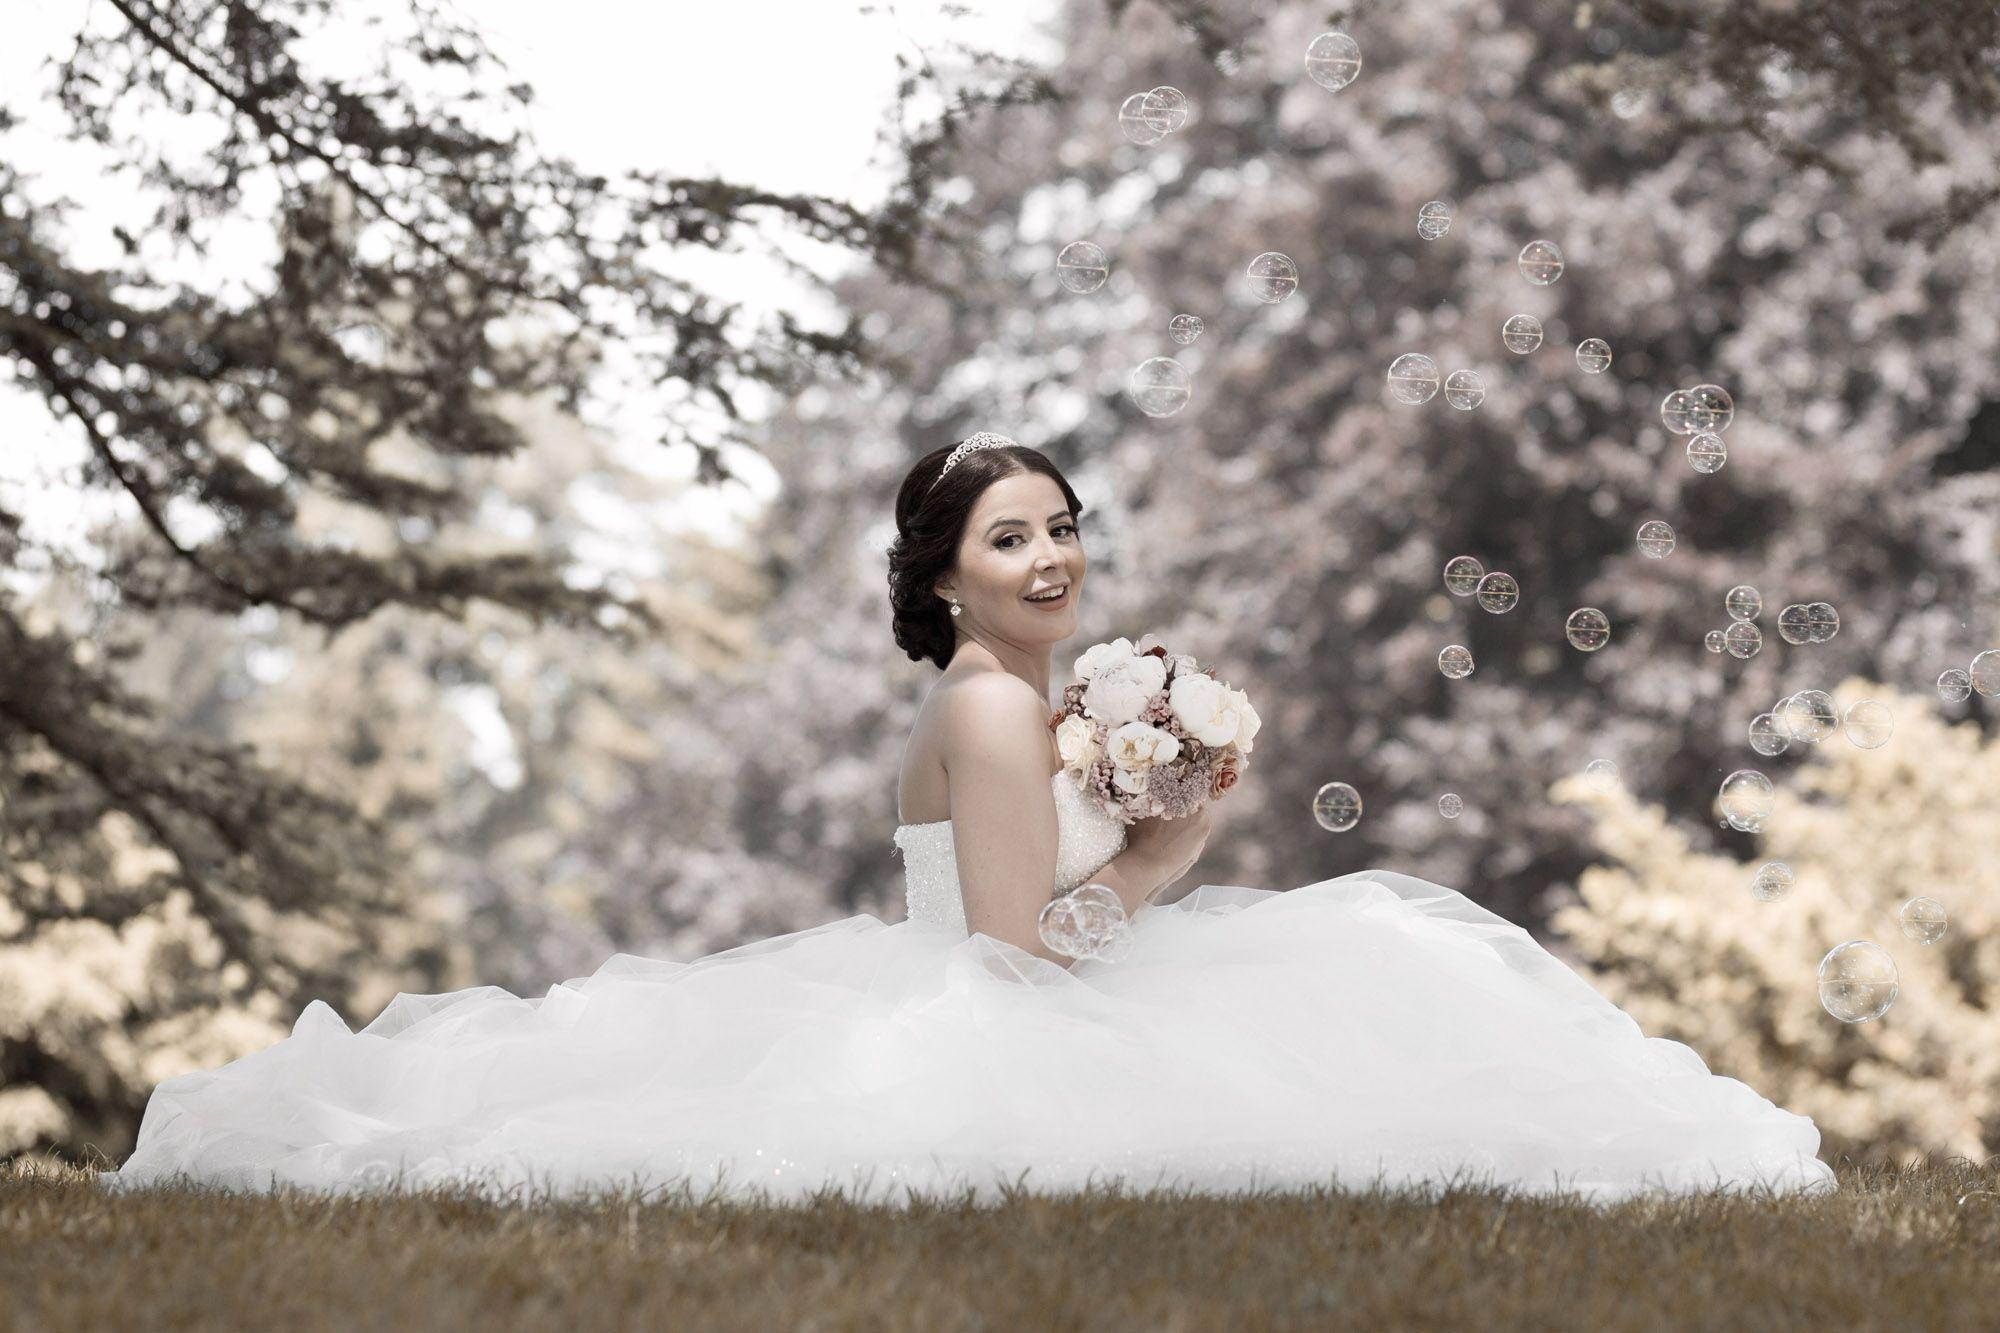 Hochzeit - Hochzeitsfotografie - Hochzeitsreportage. Nicole.Gallery fotografiert Hochzeitsreportagen in der ganzen Schweiz. Basel - Luzern - Zürich